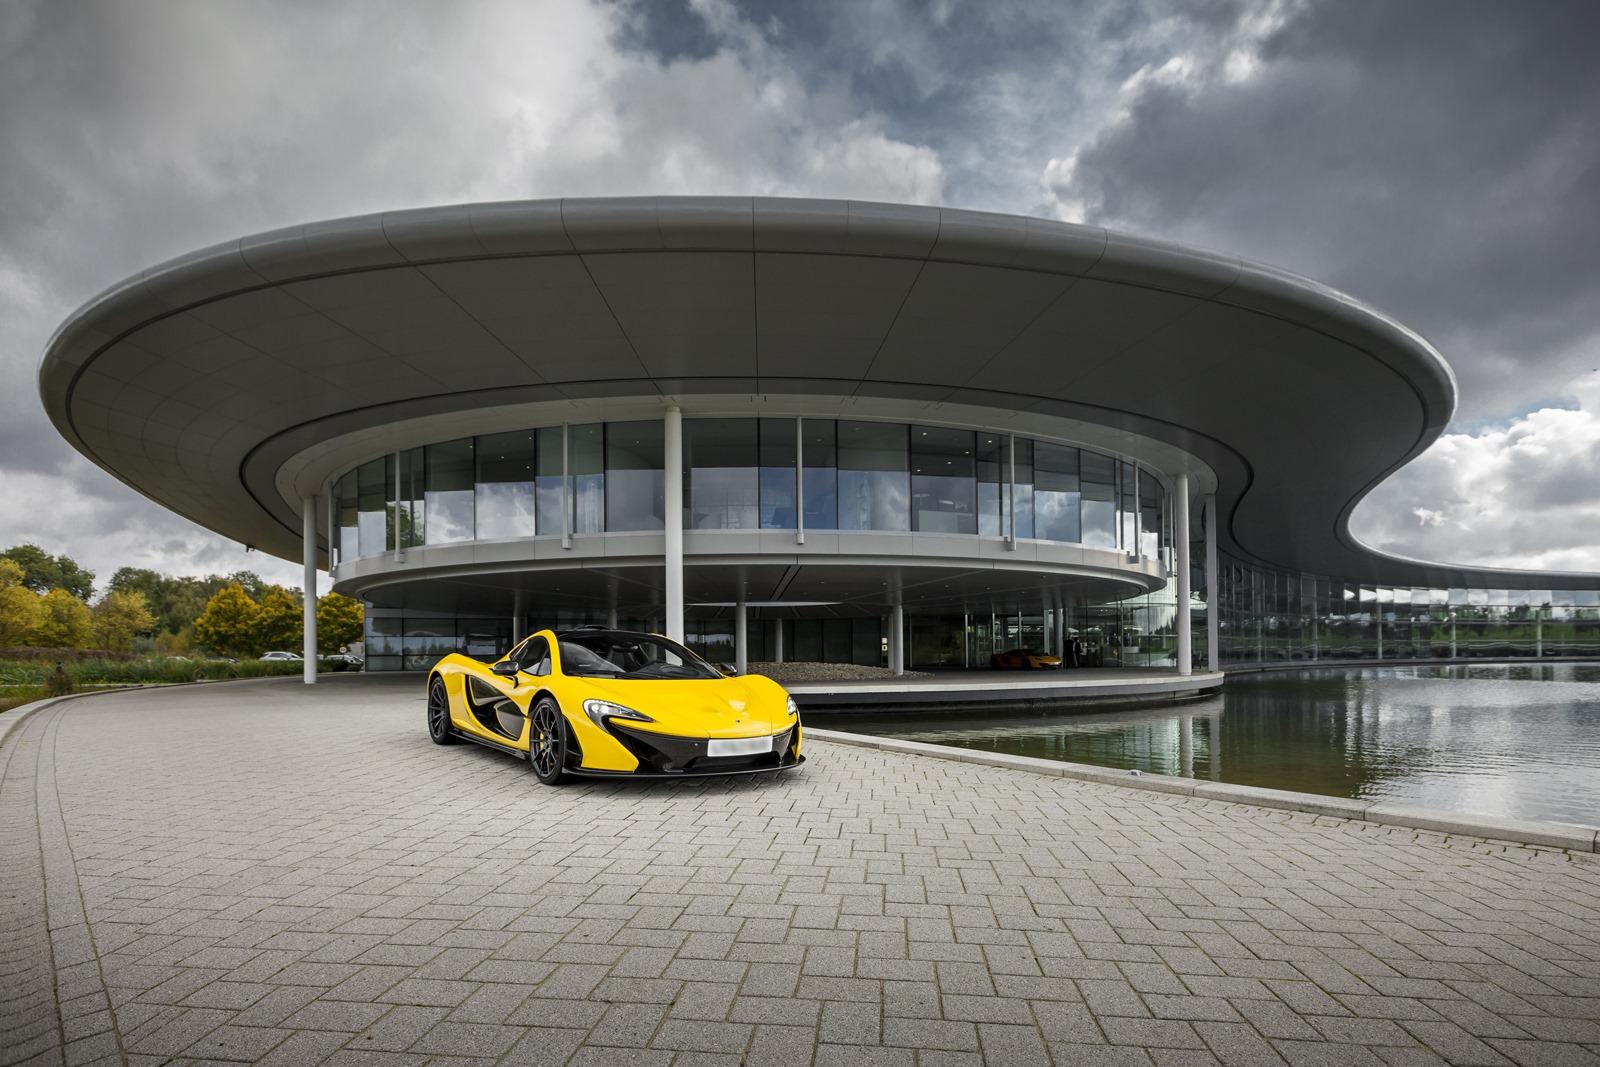 McLaren P1 tiết lộ thông số kỹ thuật